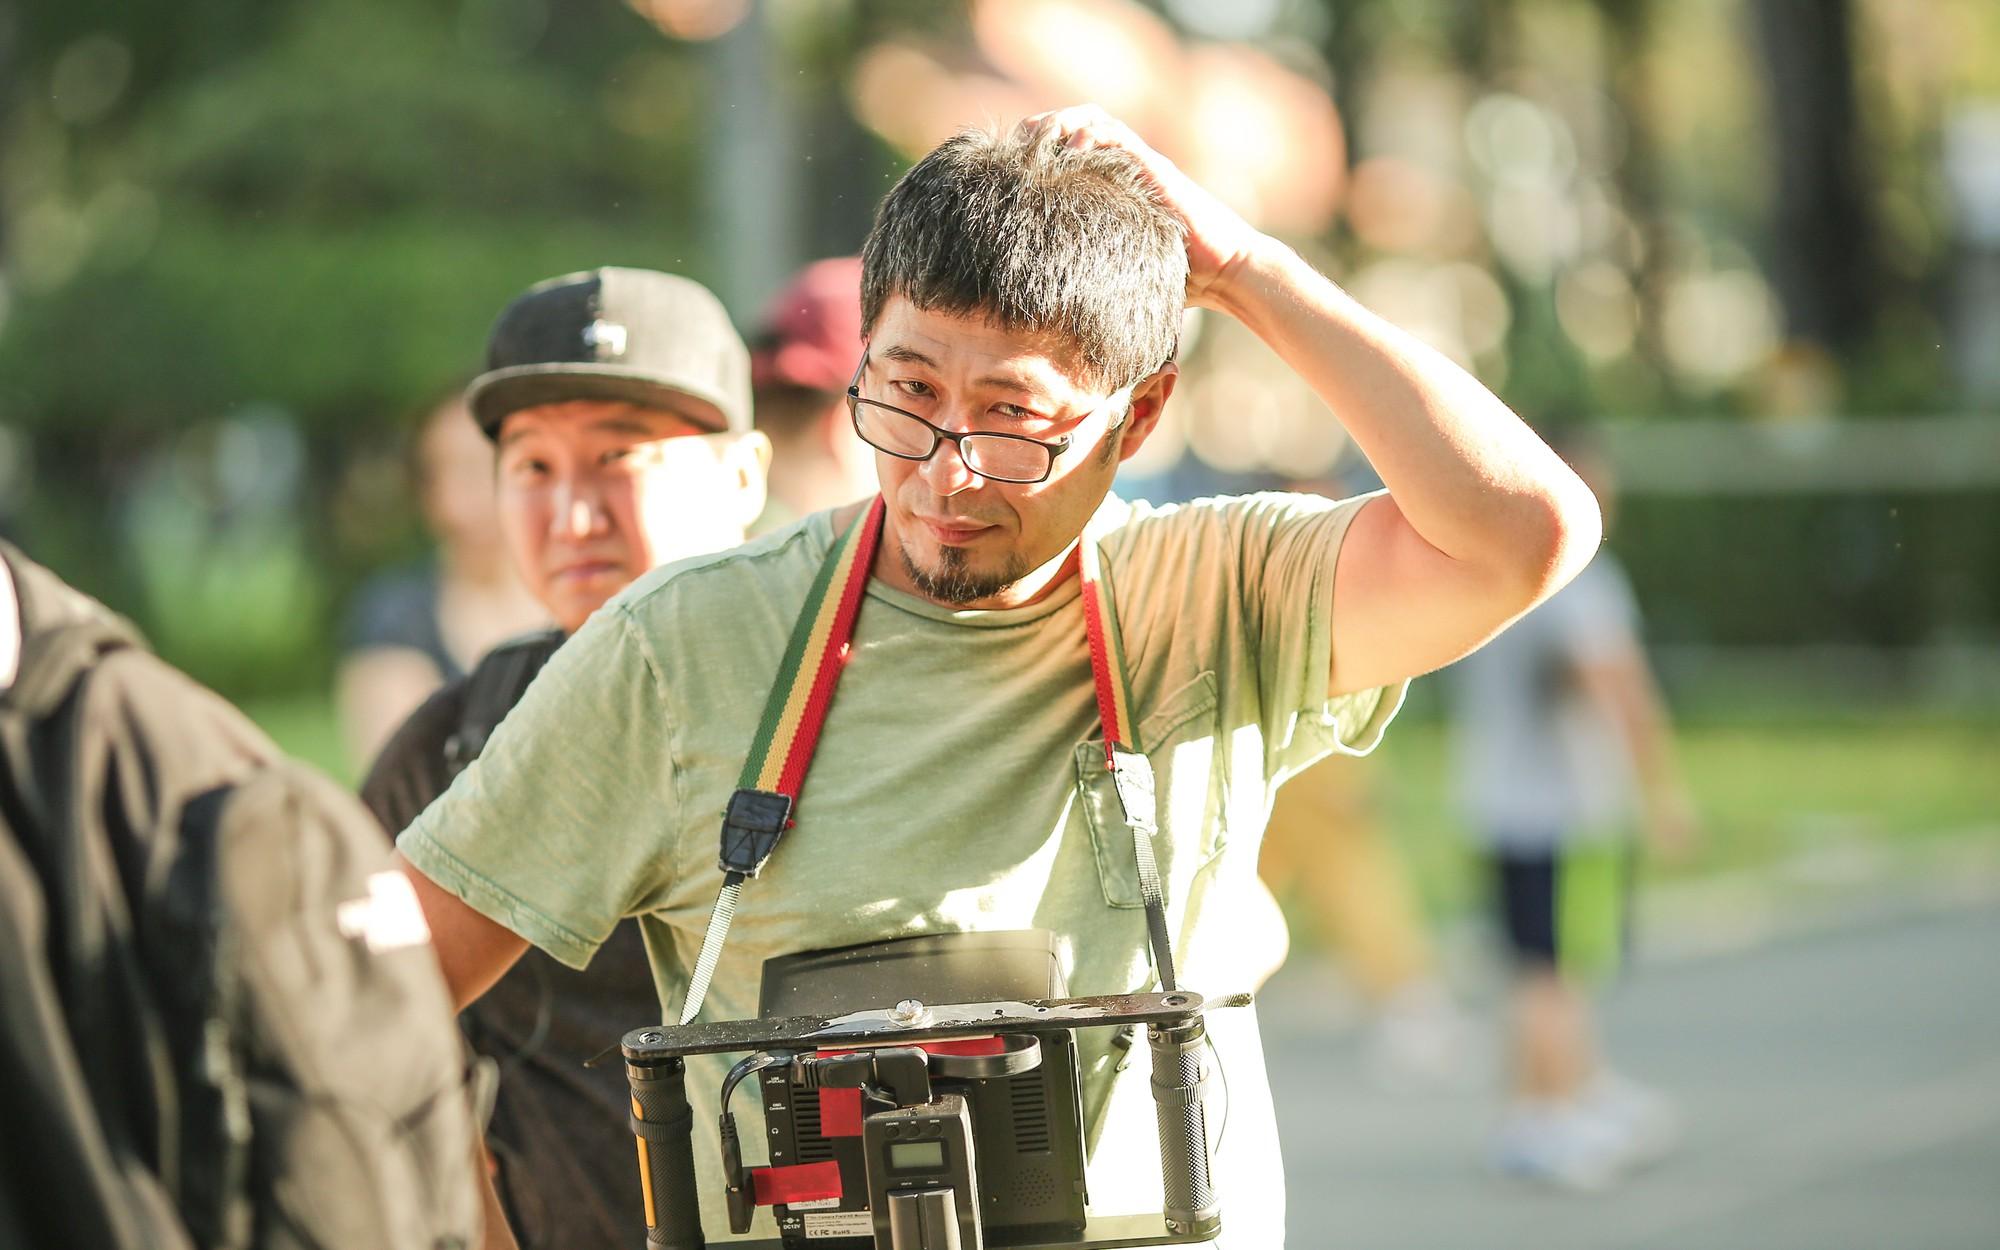 14 sự thật hiểm hóc đằng sau ống kính Chàng Vợ Của Em - phim Việt đáng xem nhất hiện tại - Ảnh 2.